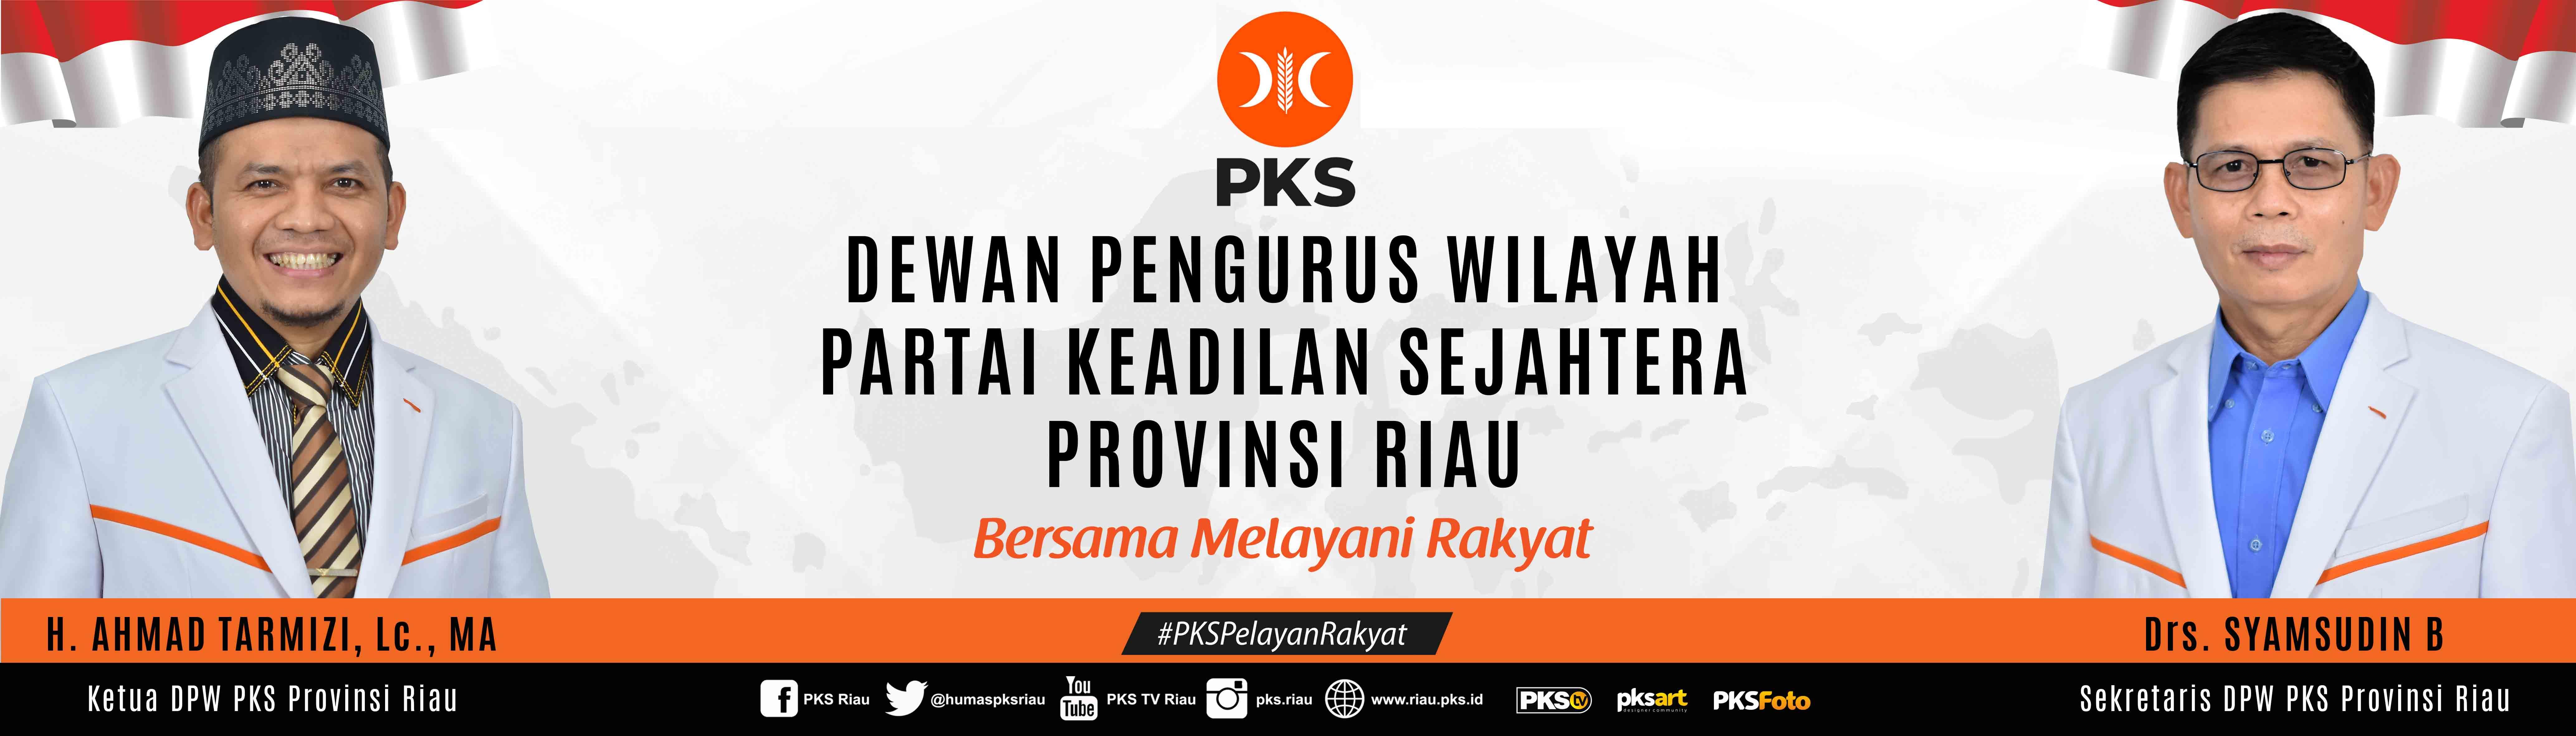 DPW PKS Provinsi Riau